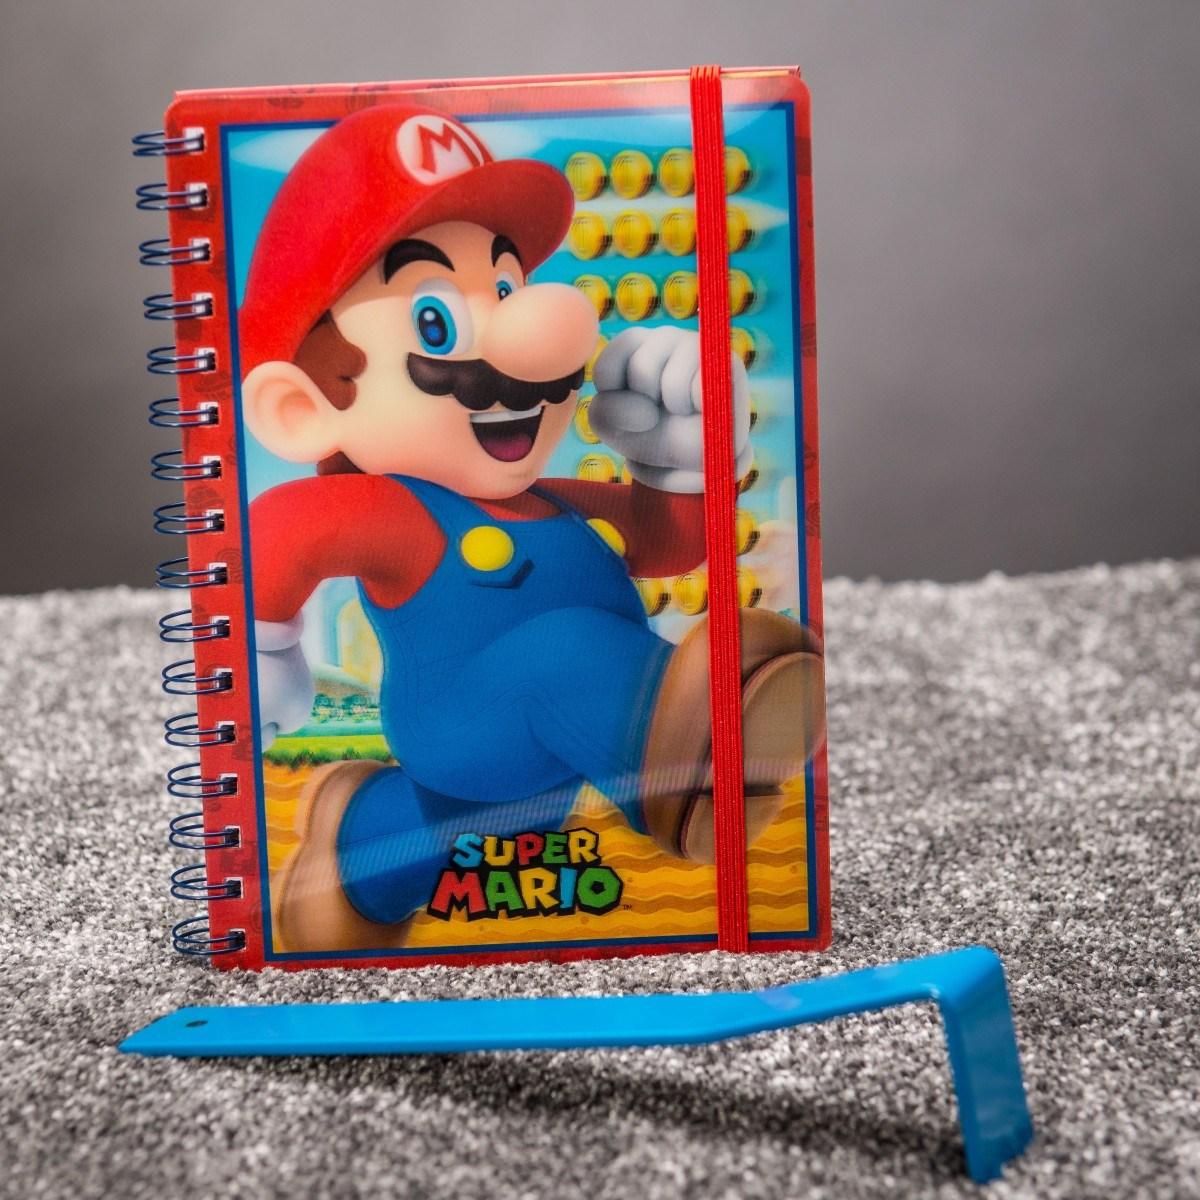 Super Mario Kidboxeo XXL